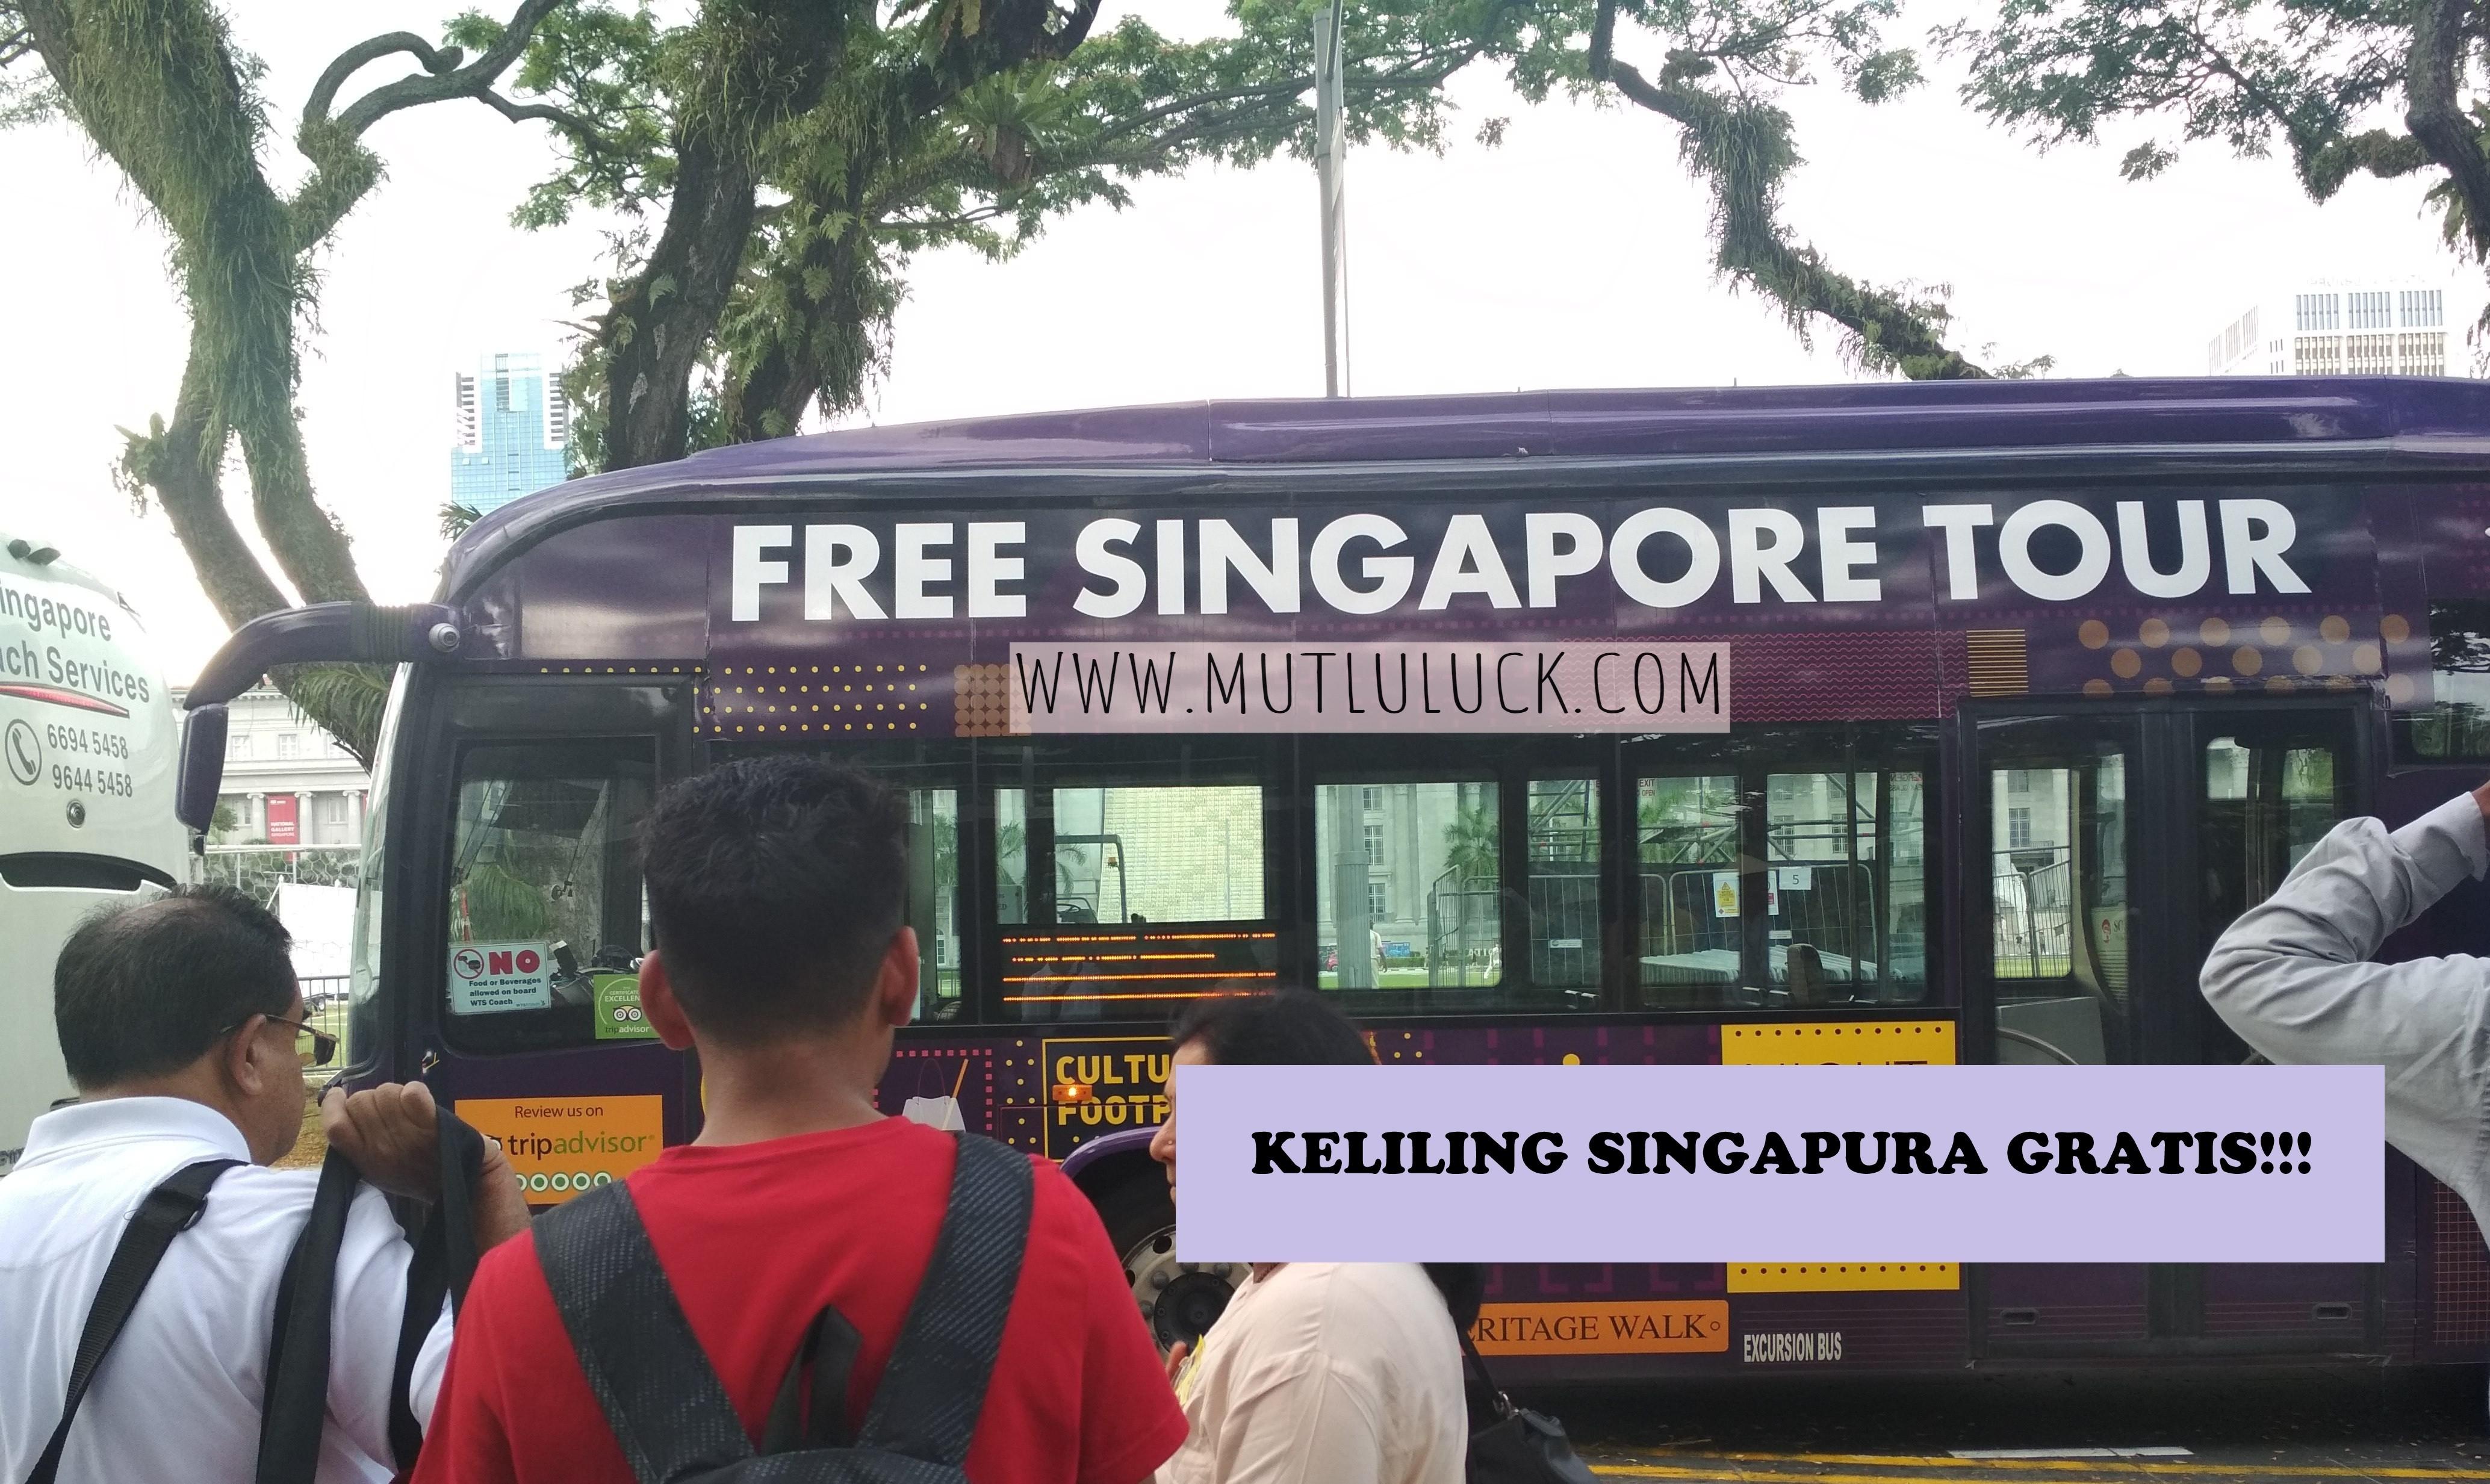 BOSAN TRANSIT LAMA DI SINGAPURA? IKUT FREE SINGAPORE TOUR AJA!